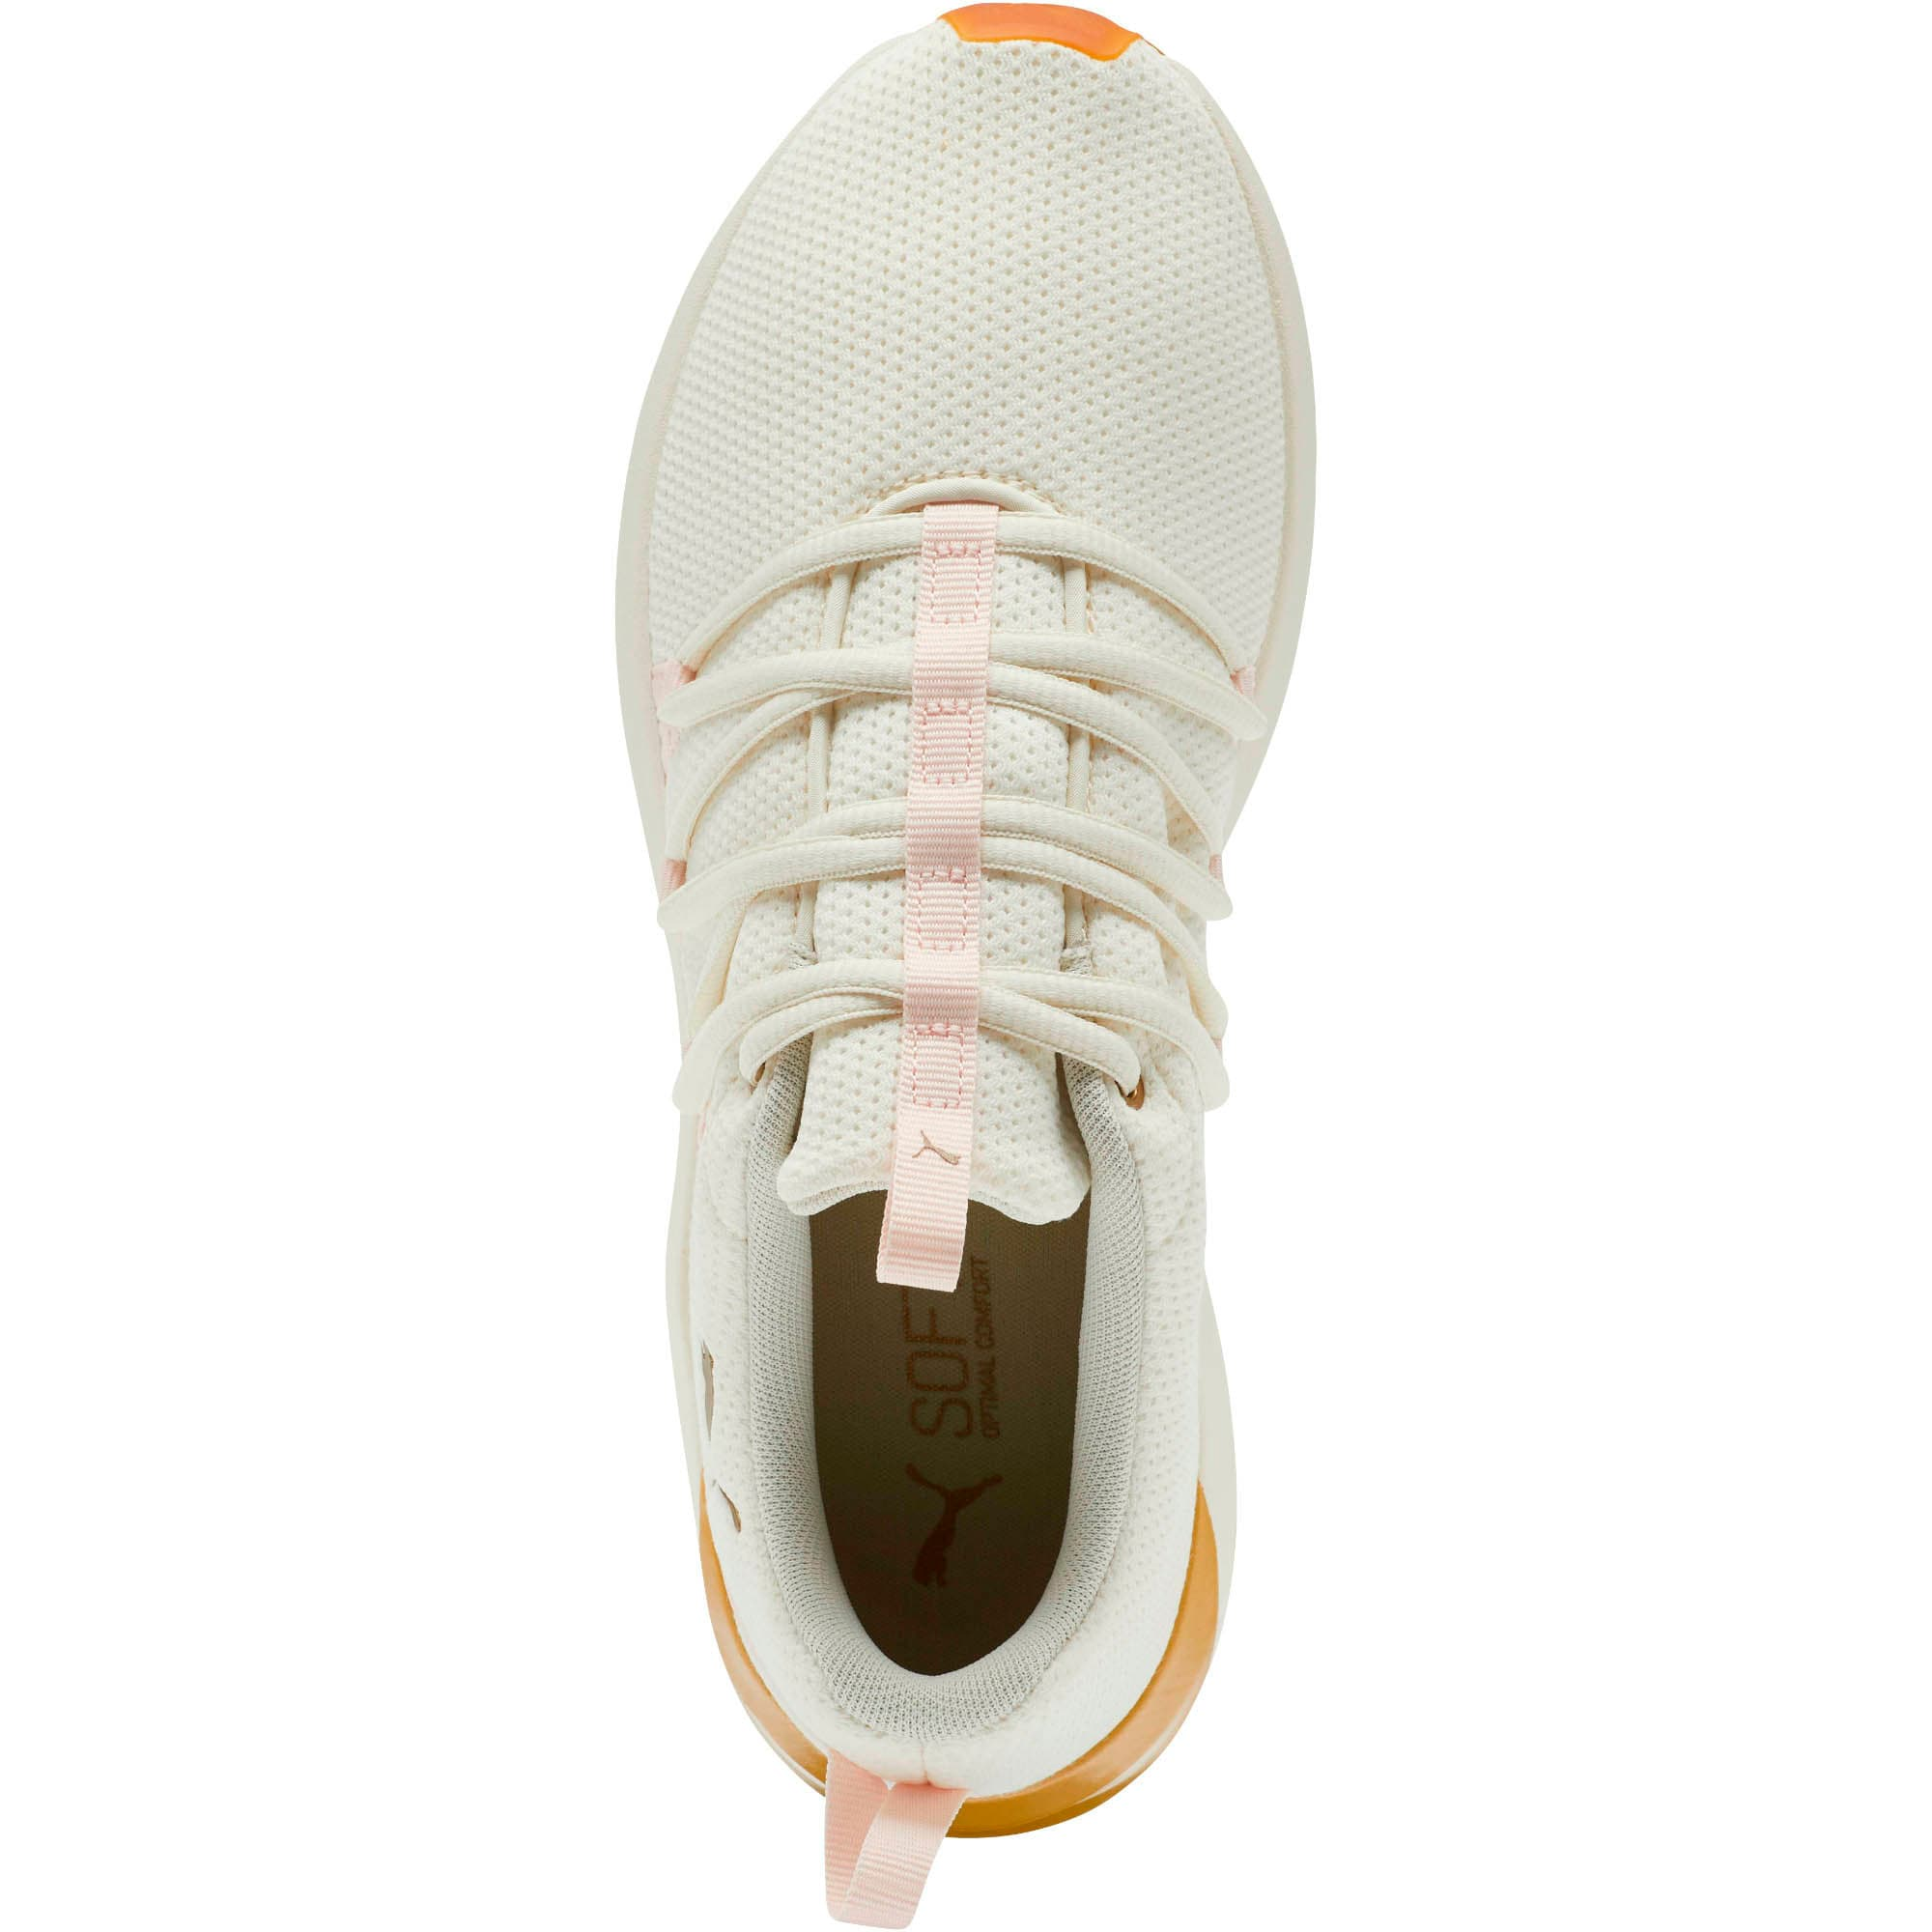 Thumbnail 5 of Prowl Alt Sweet Women's Training Shoes, Whisper White-Barely Pink, medium